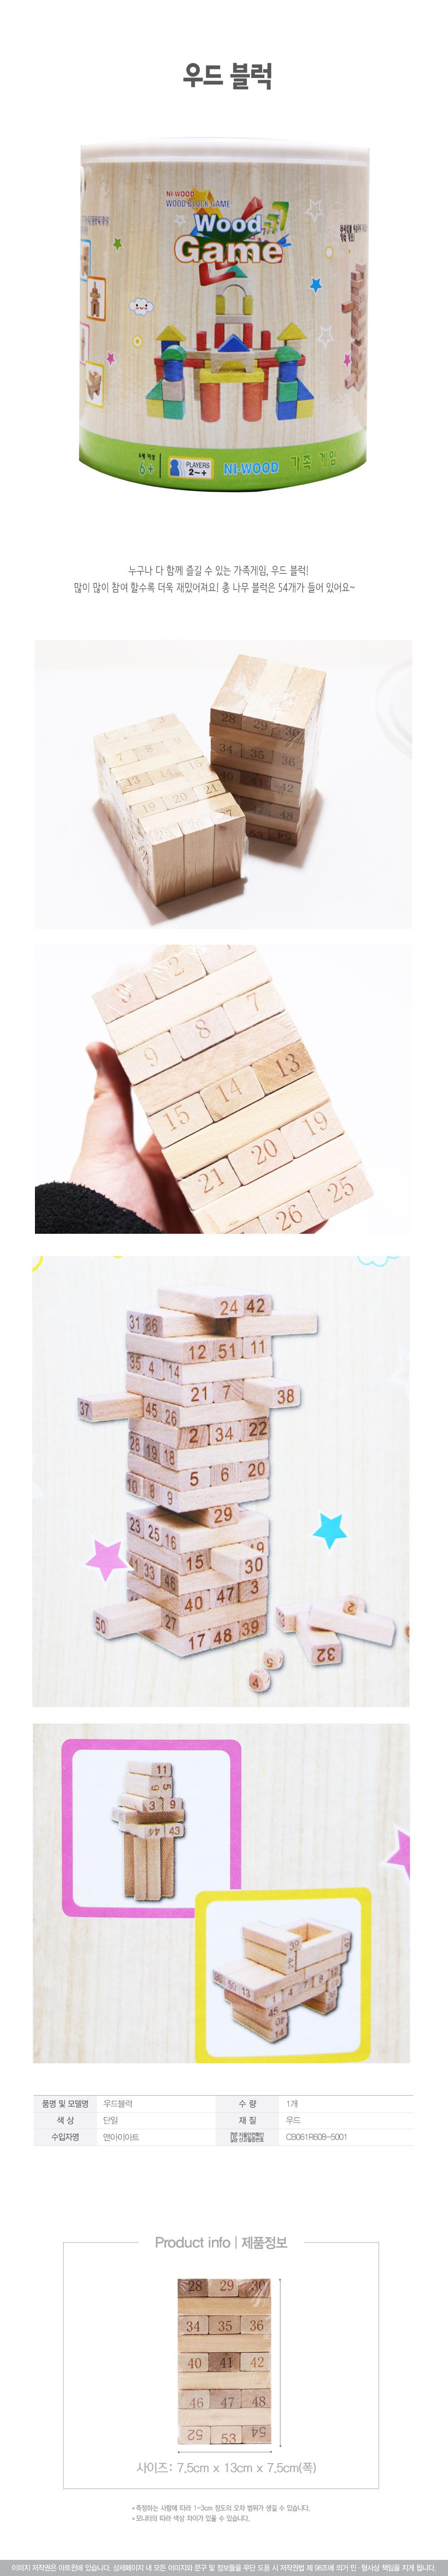 30000우드블럭 - 아트윈, 29,900원, 레고/블록, 블록완구